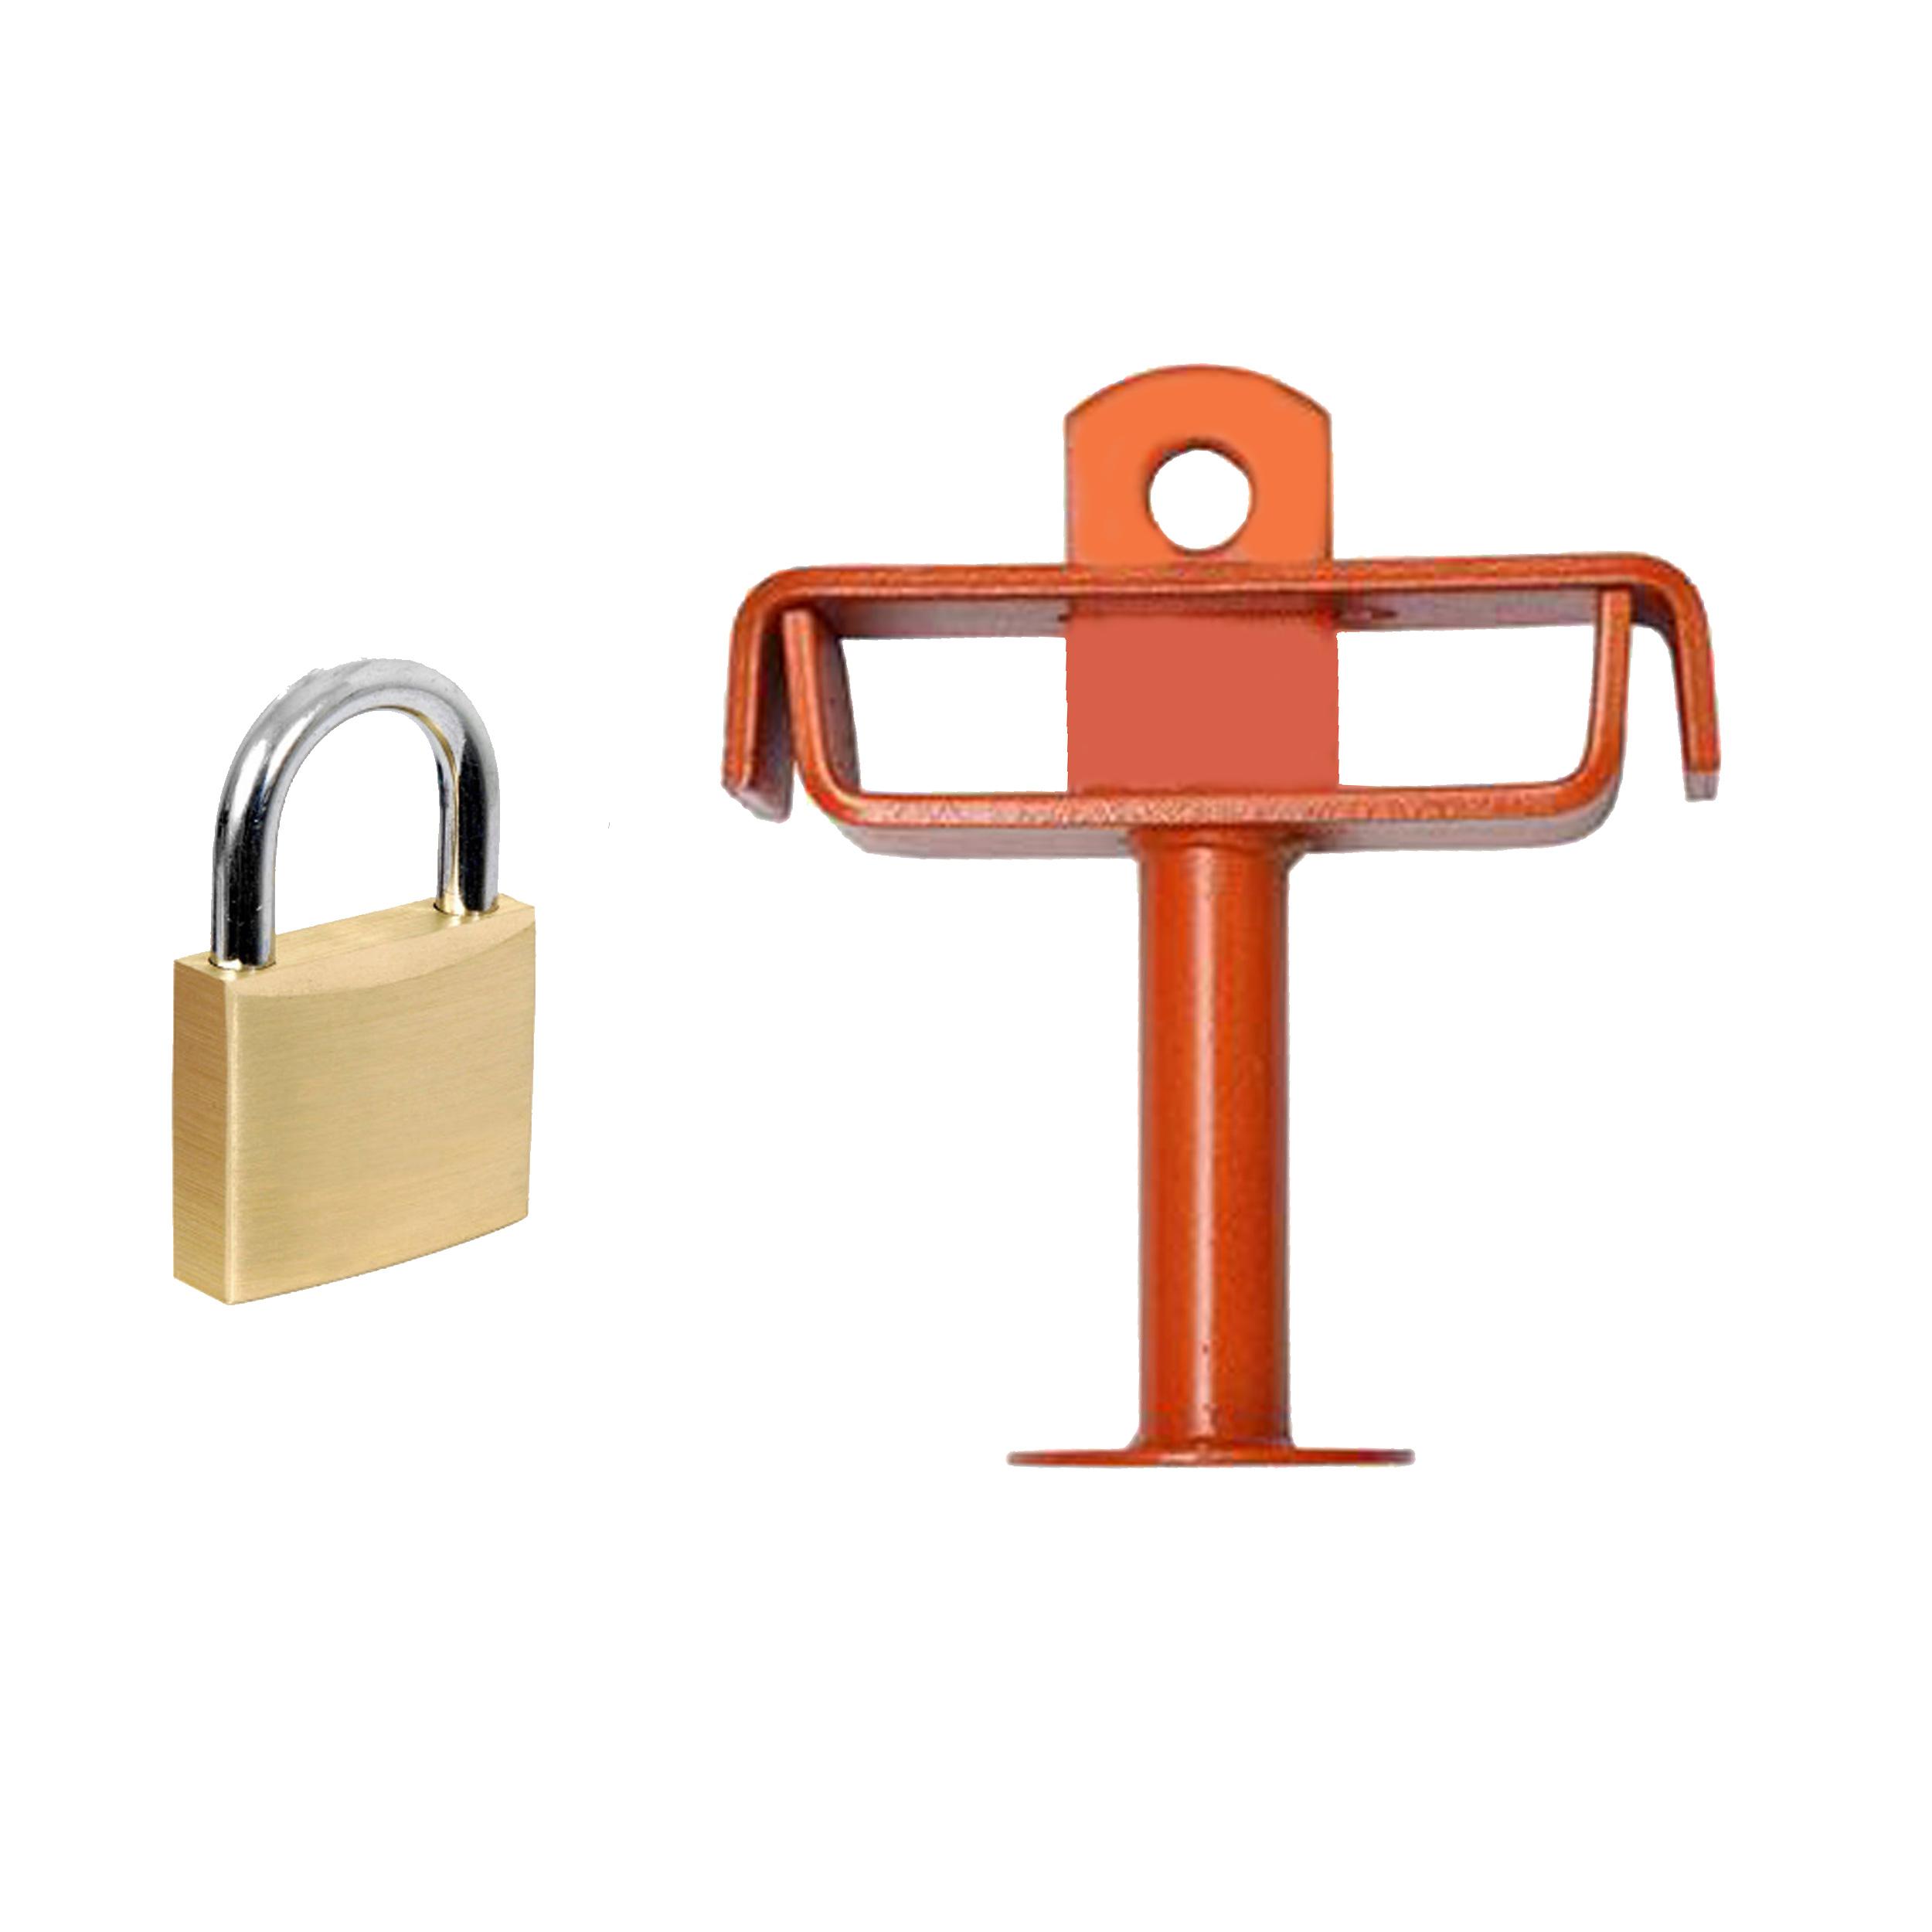 قفل پدال کد 08 به همراه قفل آویز